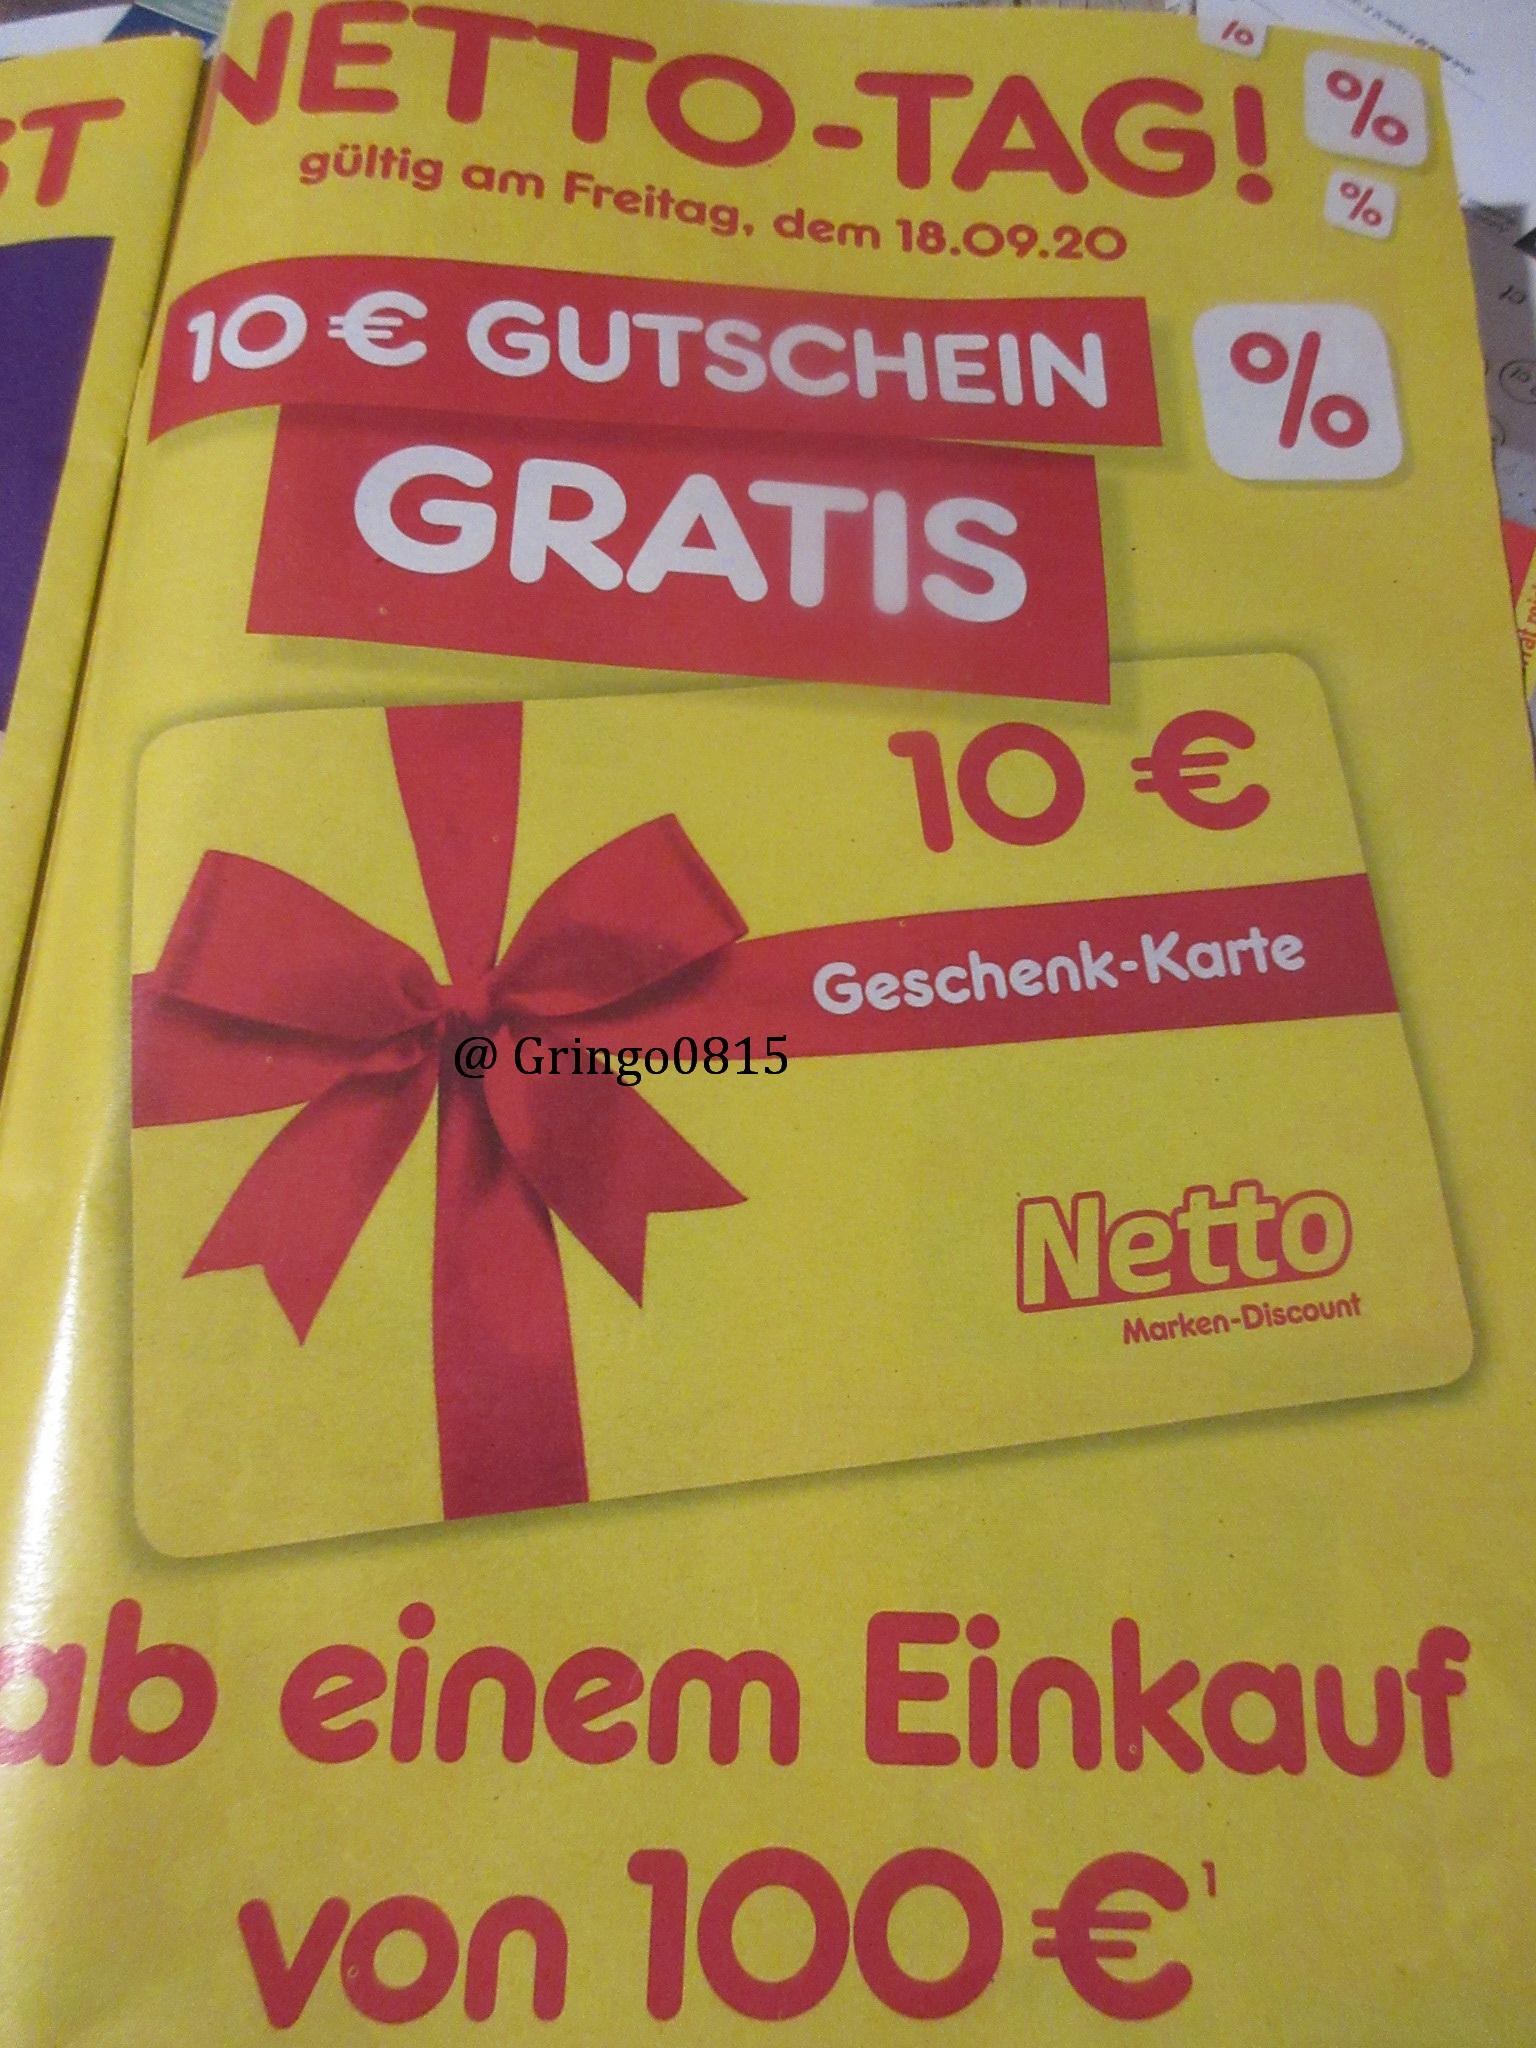 Netto - Fr. 18.09. für 100 Euro einkaufen und 10 Euro Geschenk - Karte